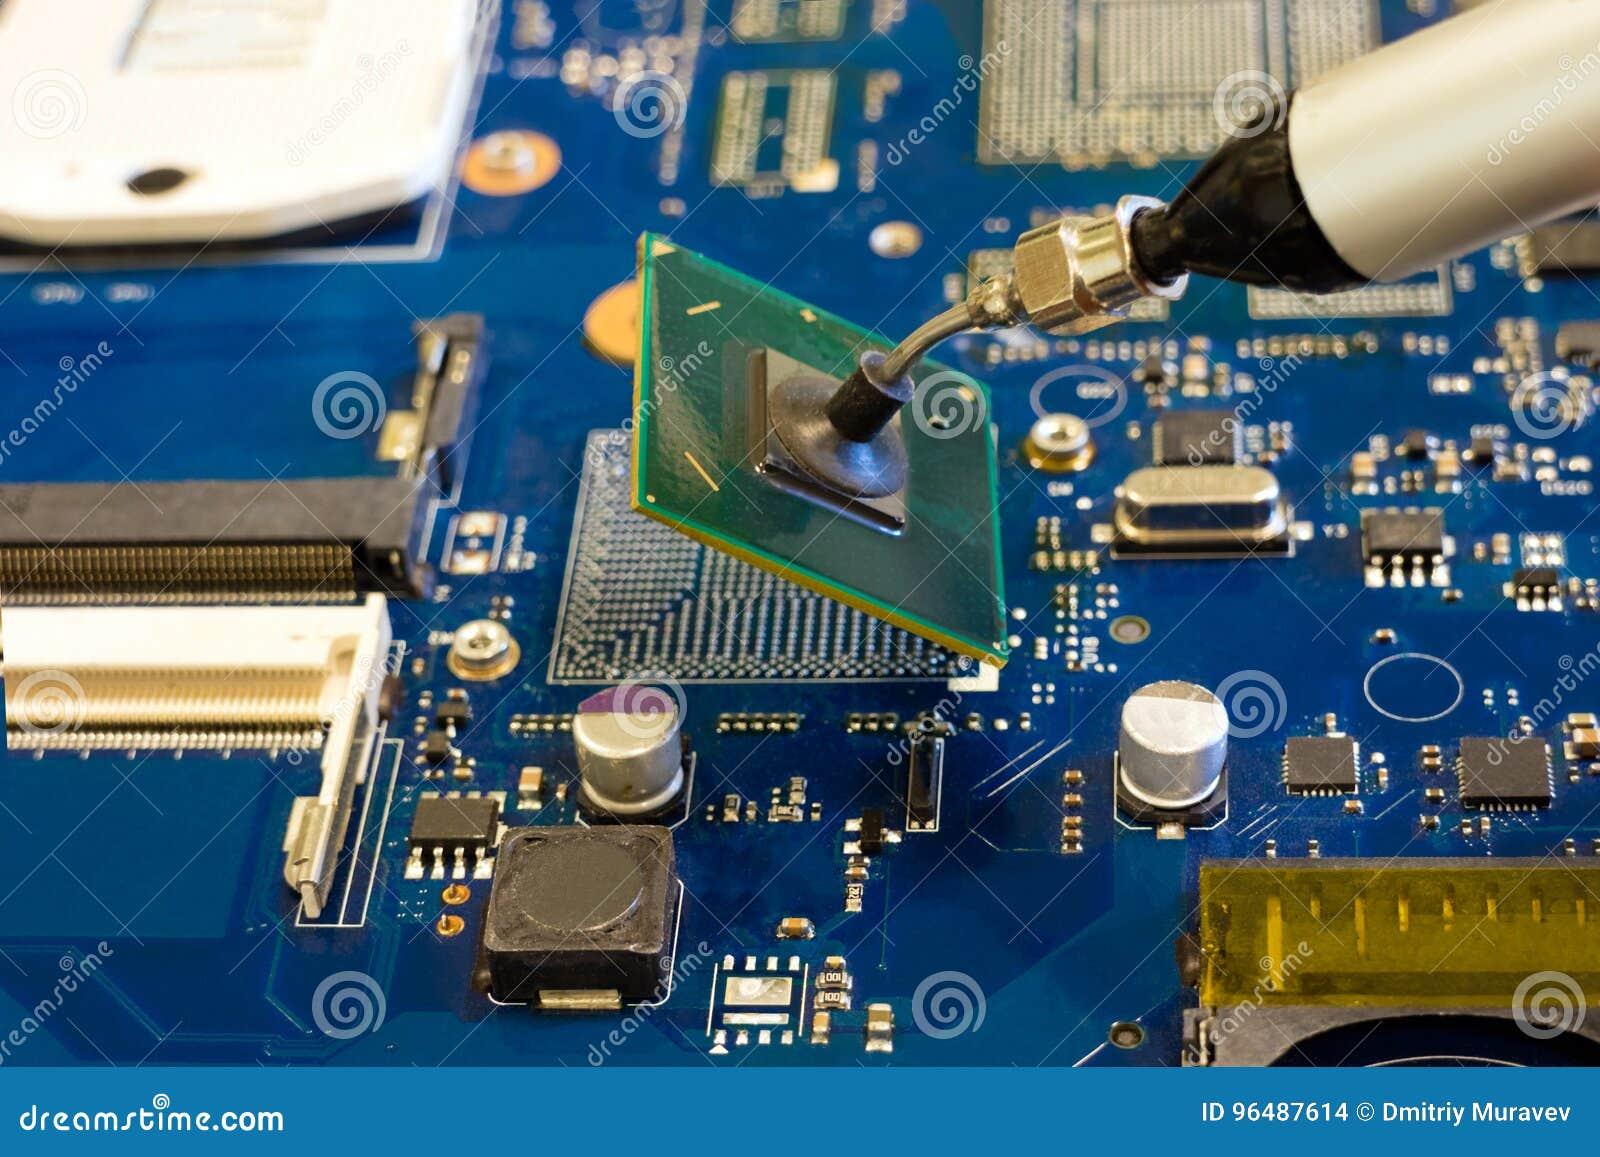 Remoção da microplaqueta pela pinça do vácuo Trabalho na desmontada de componentes eletrônicos